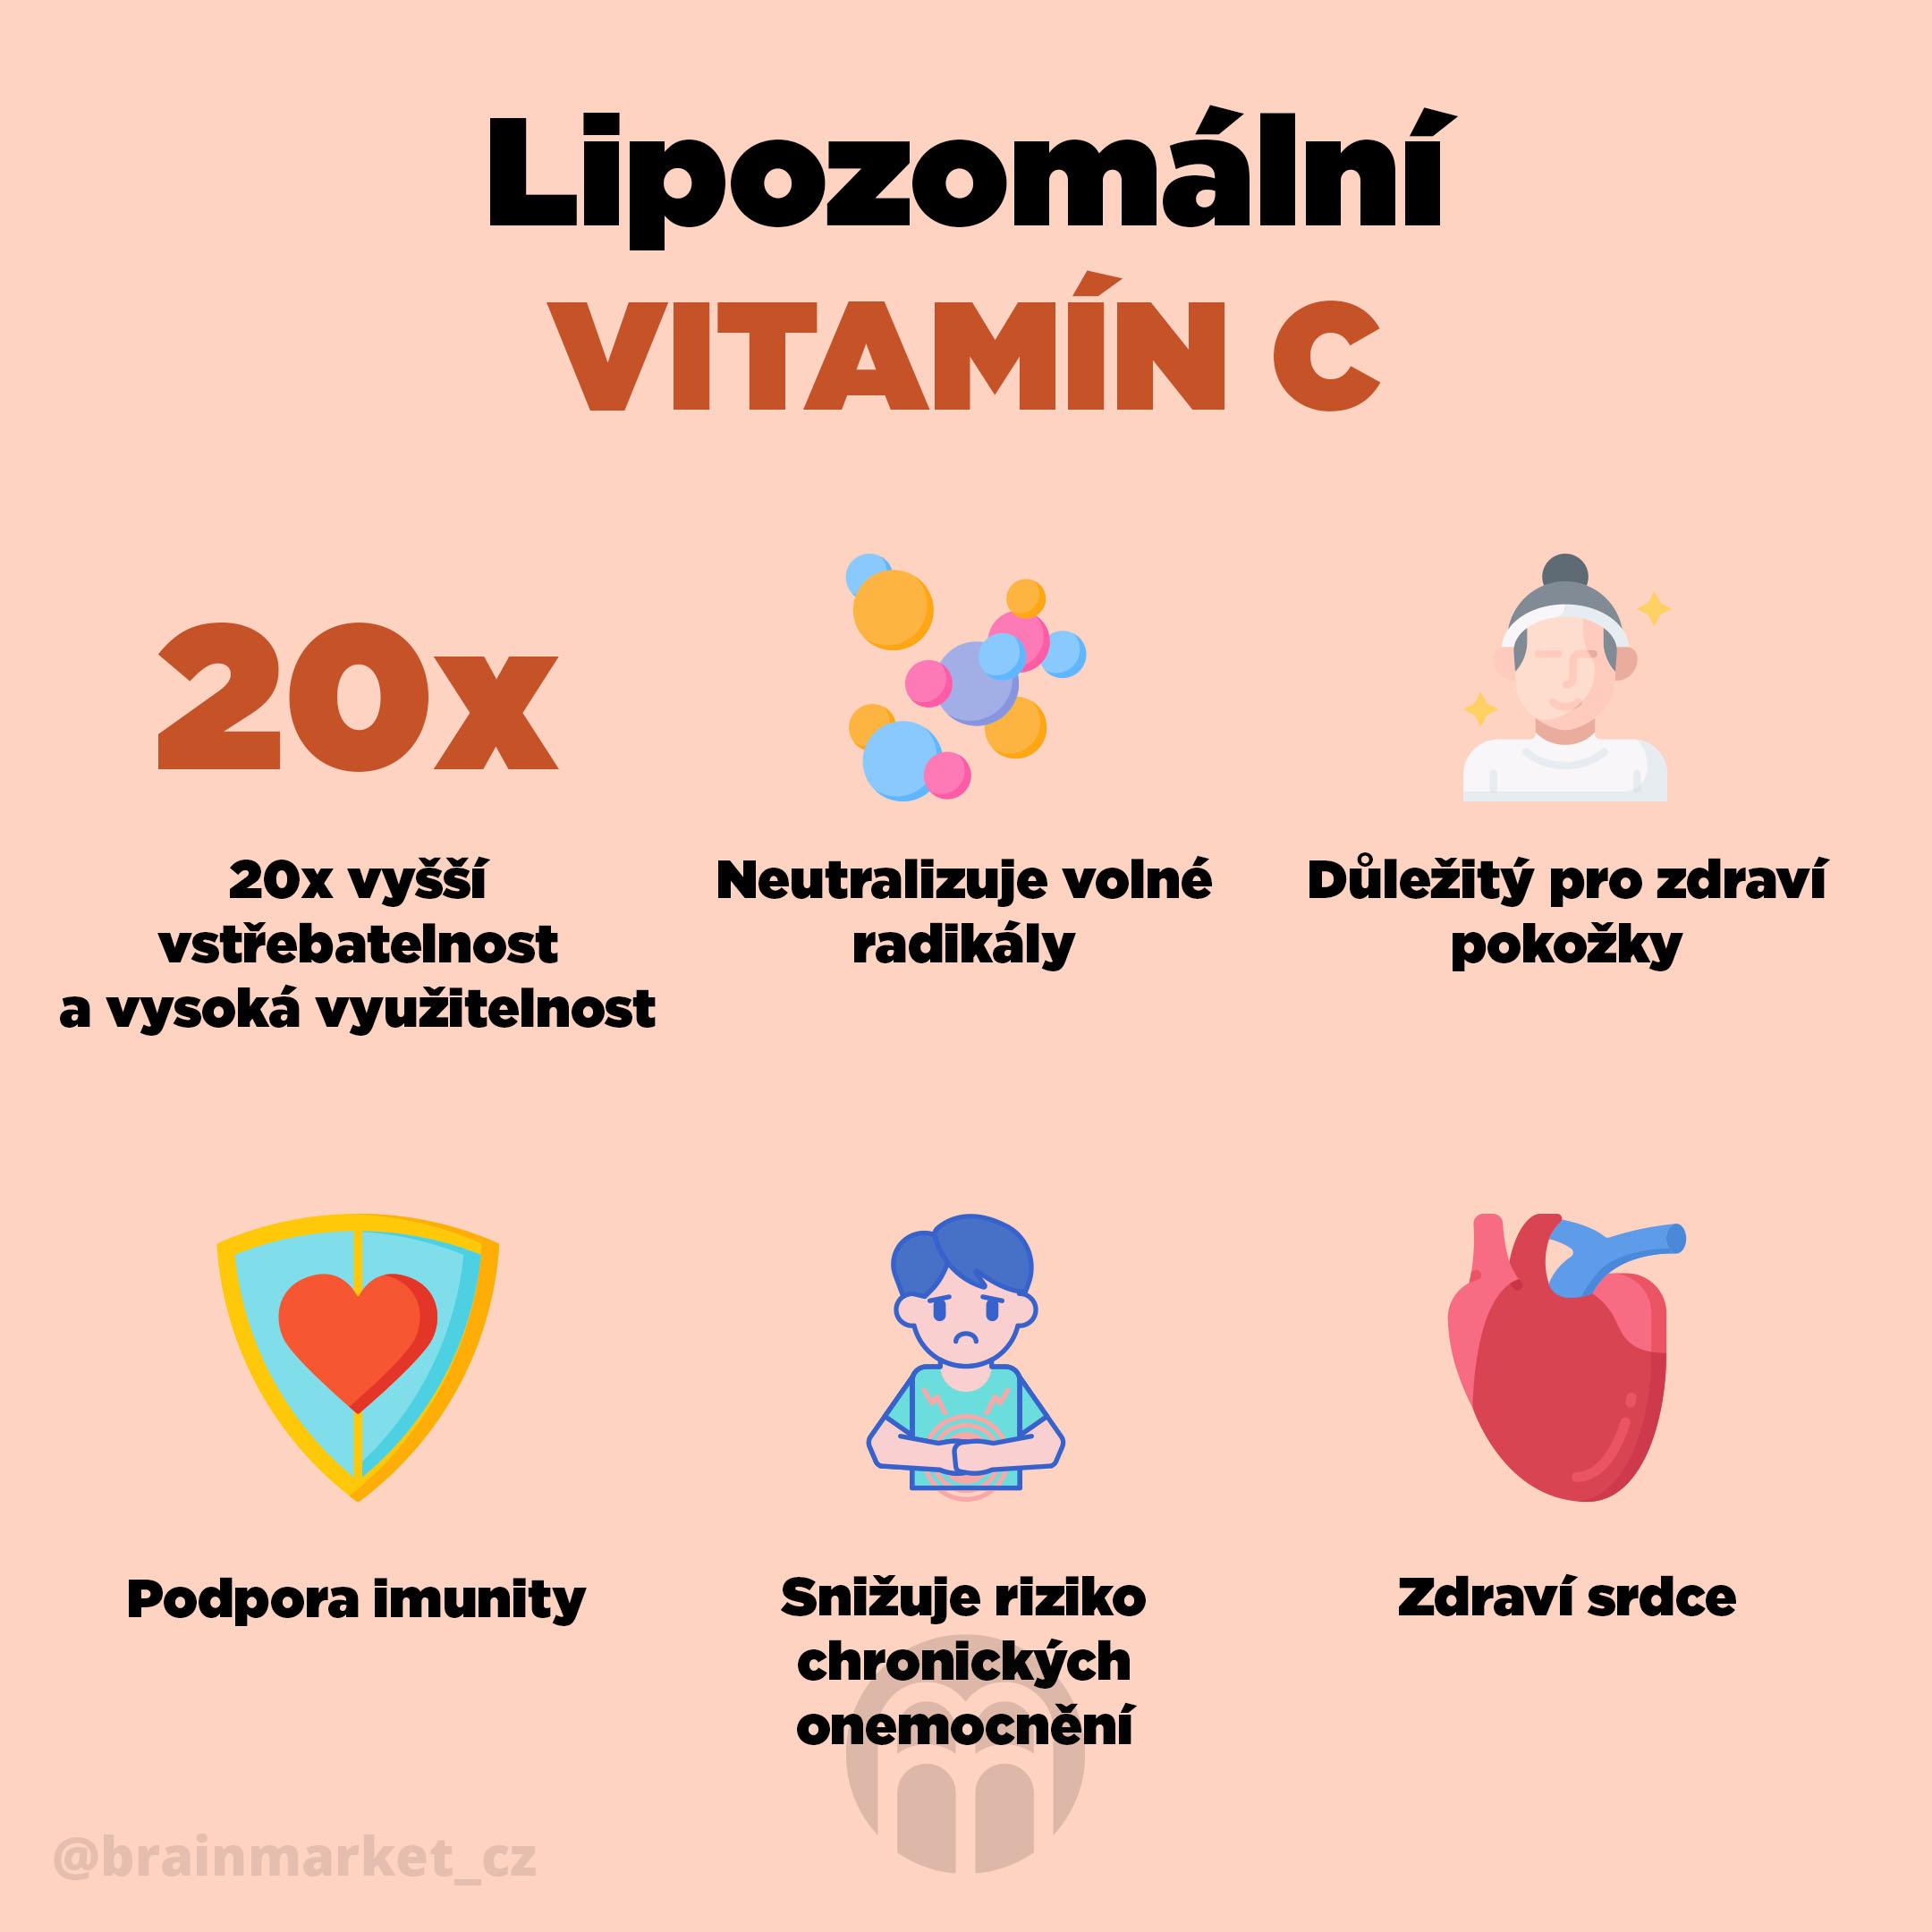 lipozomalni-vitamin-c-infografika-brainmarket-cz